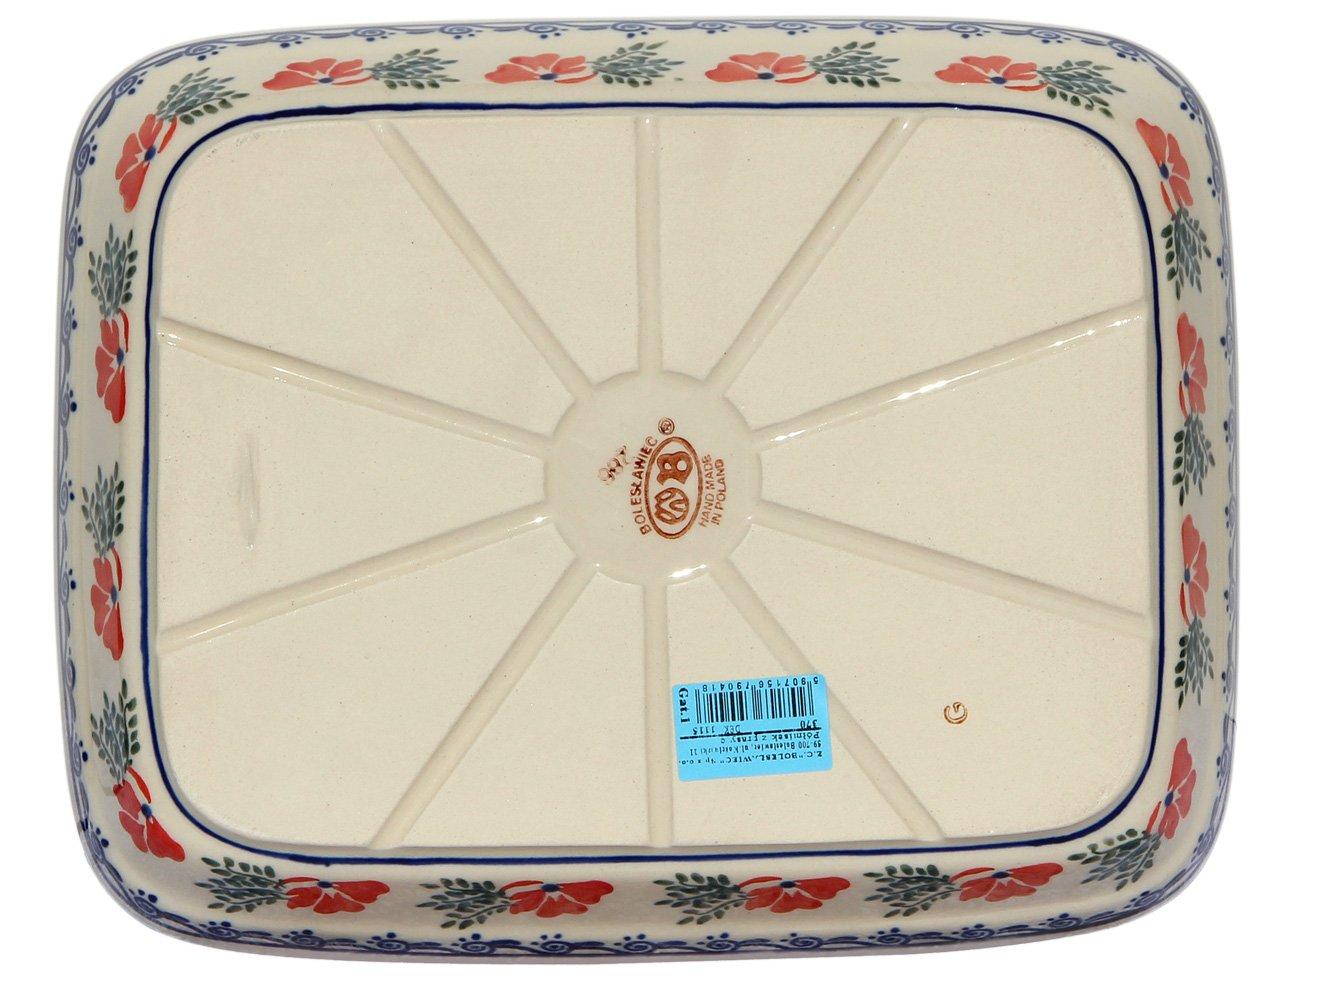 Polish Pottery Baking Dish 8x10 Zaklady Ceramiczne Boleslawiec